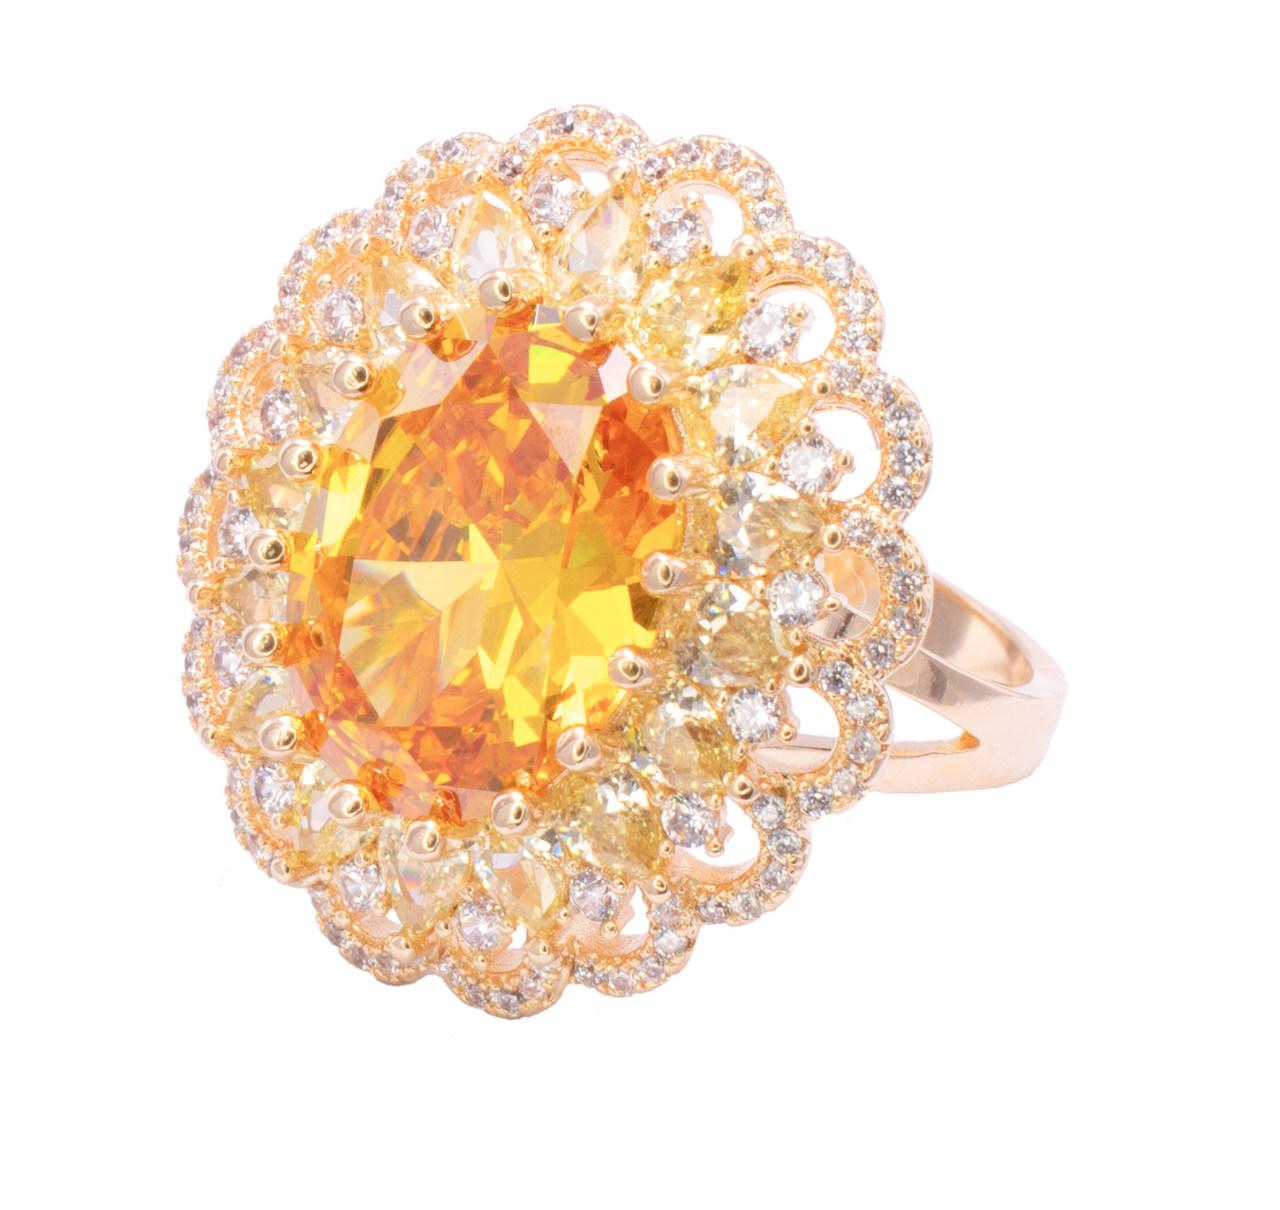 Anel com Cristal Amarelo e Pedras em Navete com Zircônias Folheado em Ouro 18k